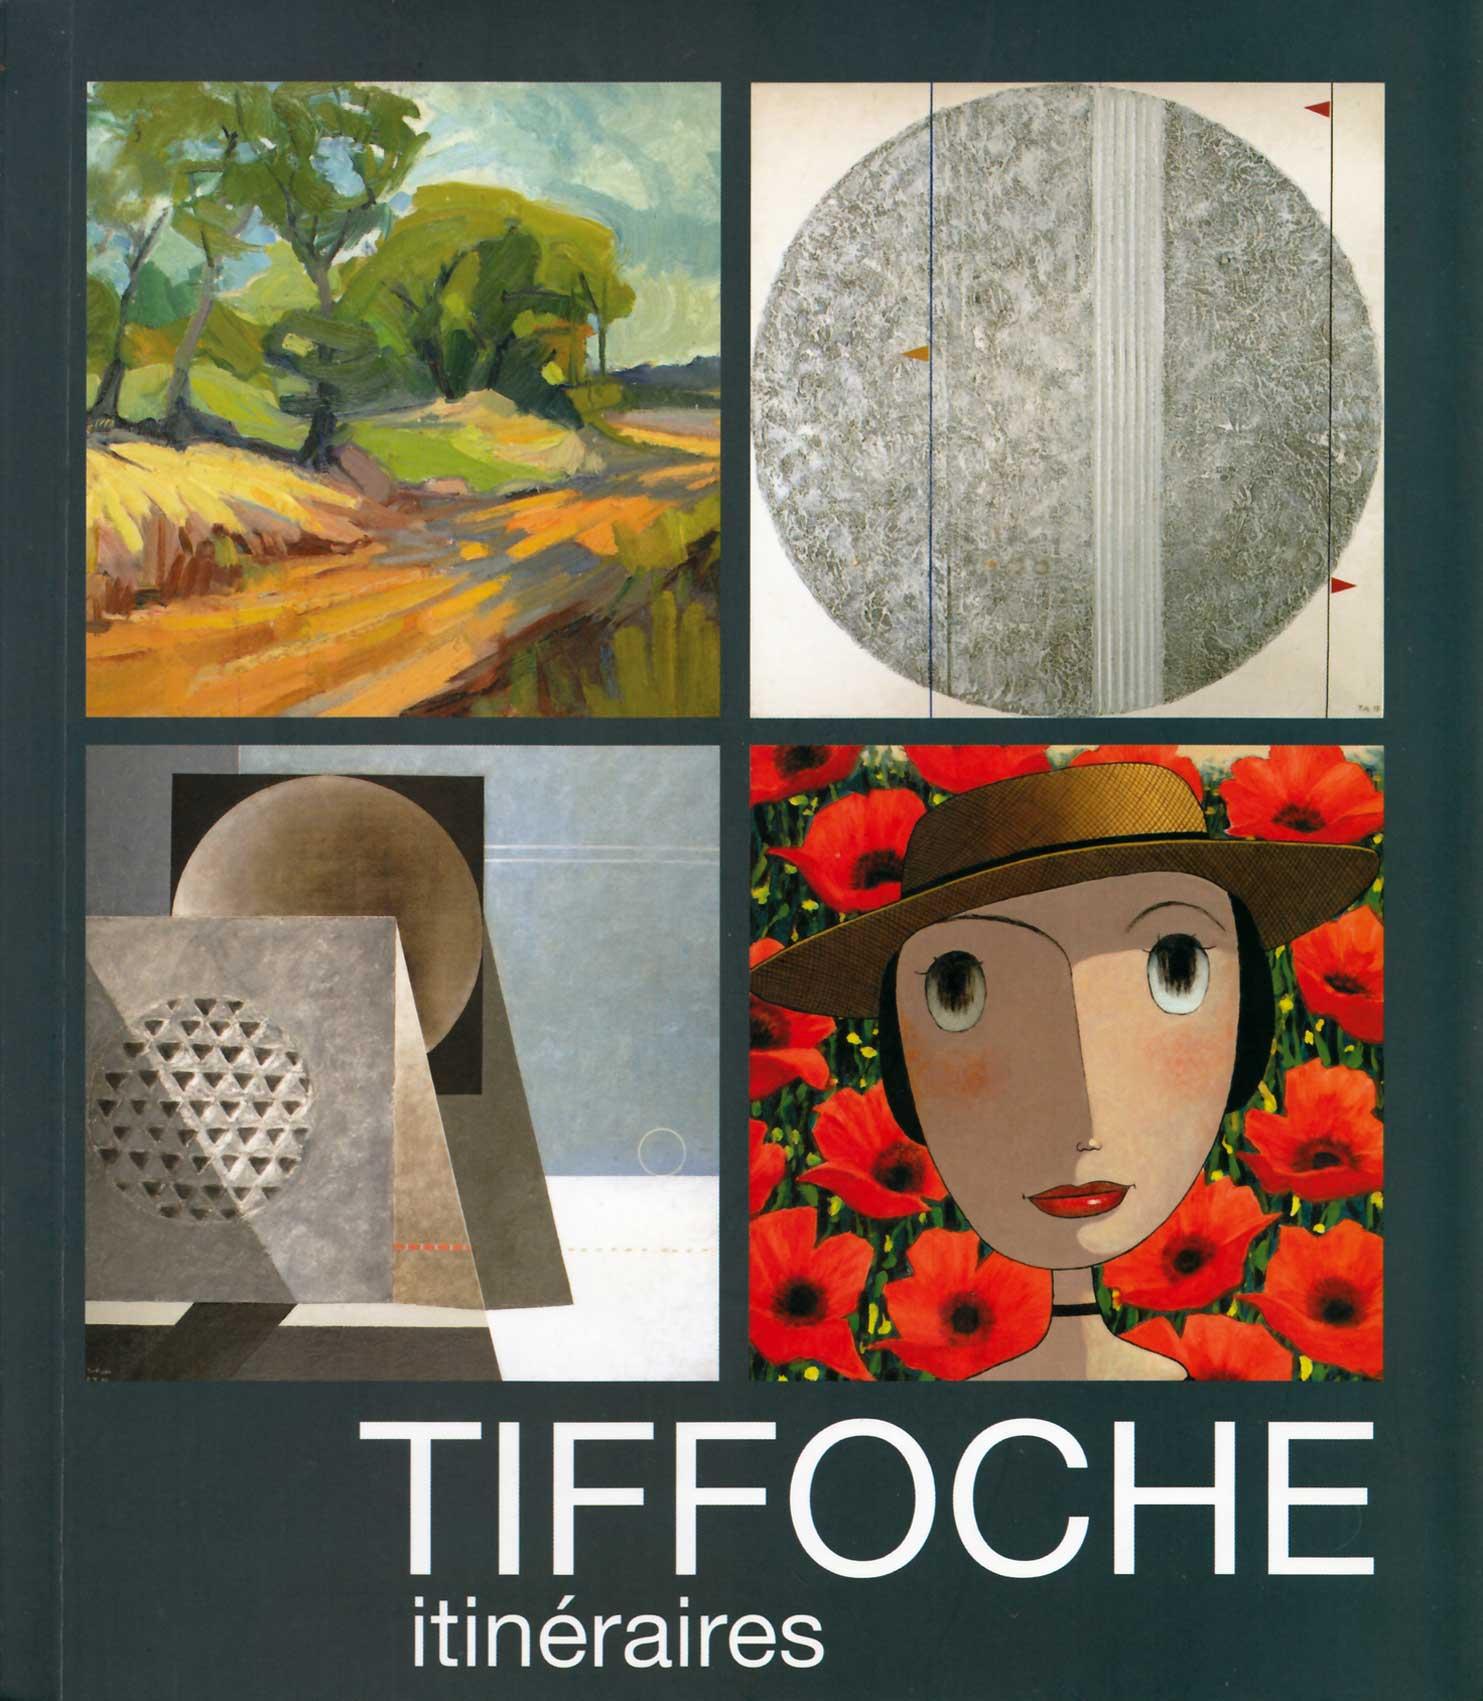 Catalogue de la rétrospective Gustave Tiffoche, Le Castor Astral, 2012